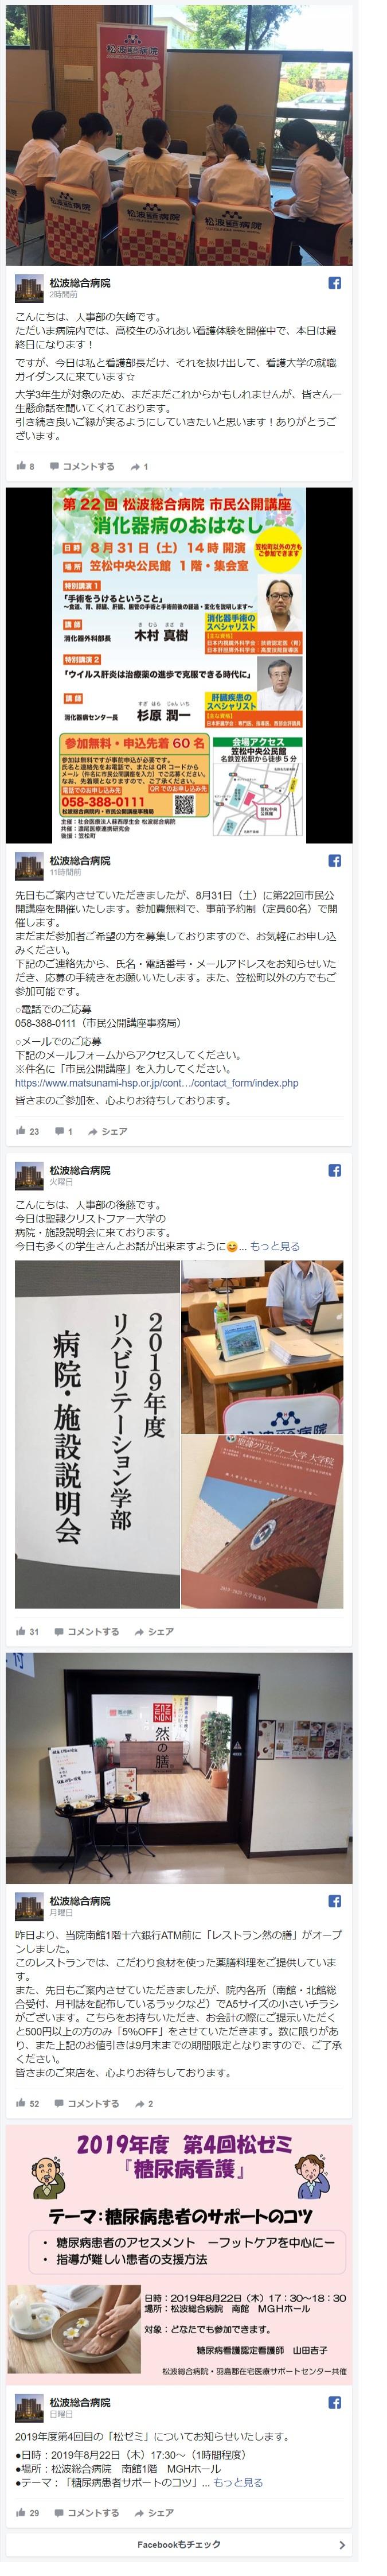 facebook_tl